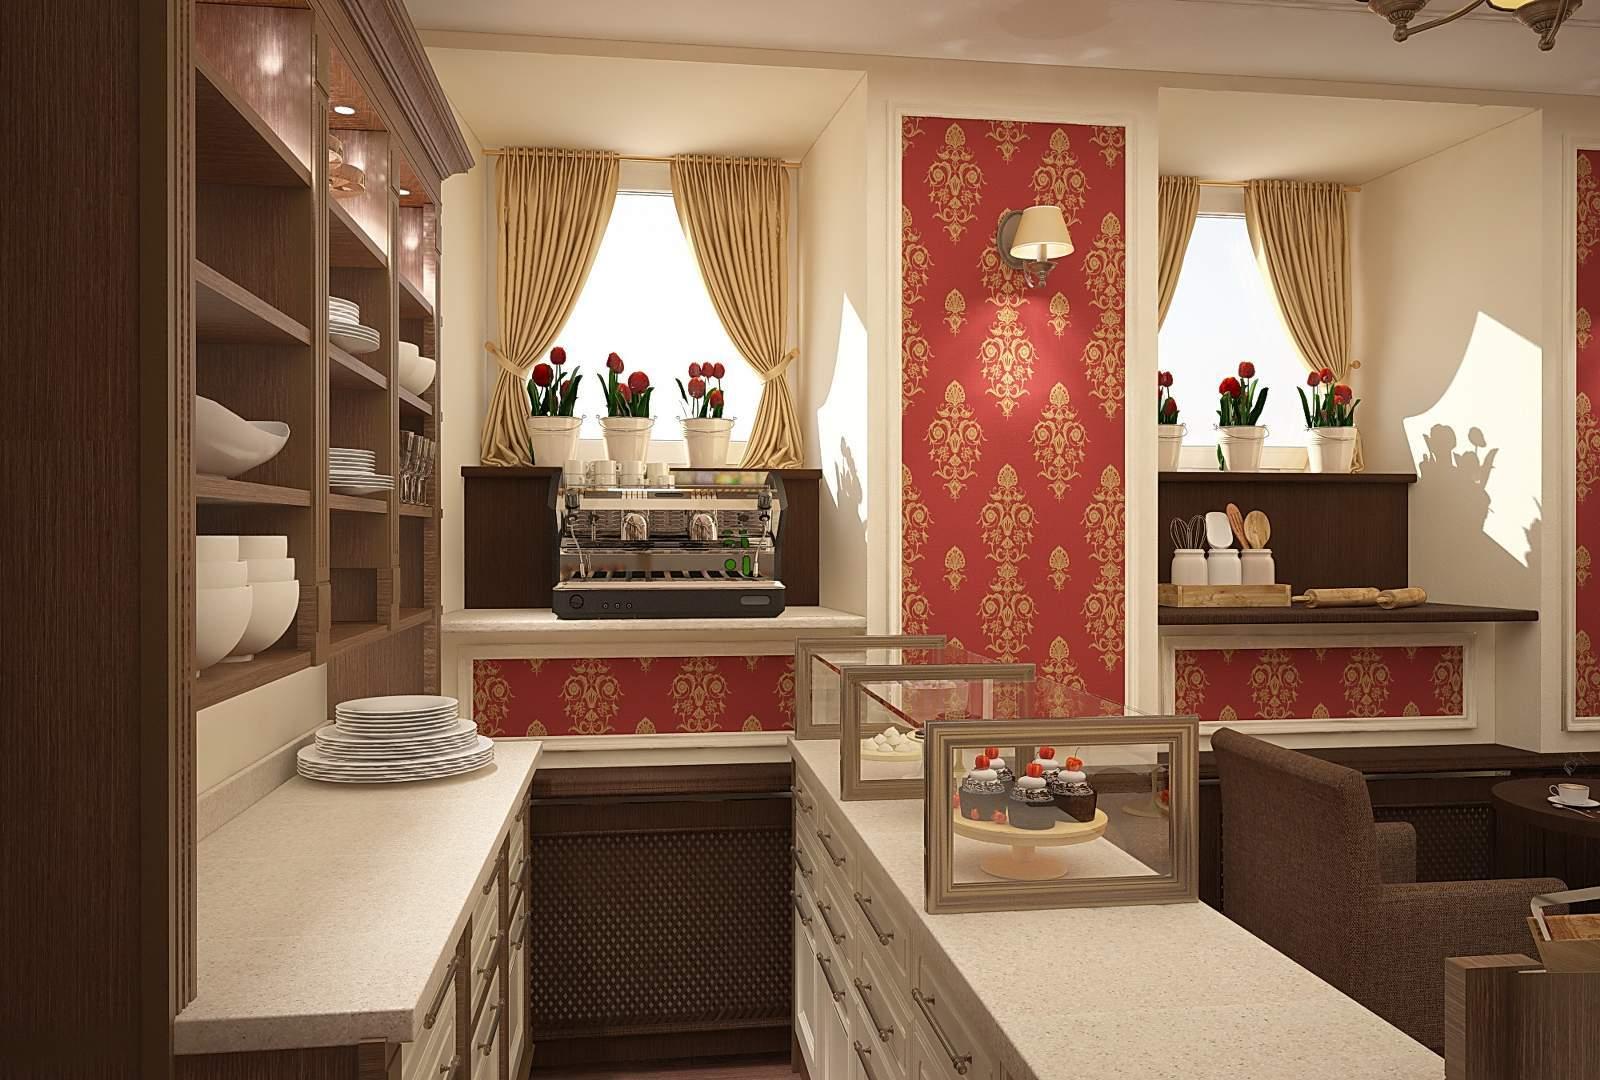 Franz_Sacher_caffe_interior_8_1600x1080_1600x1080